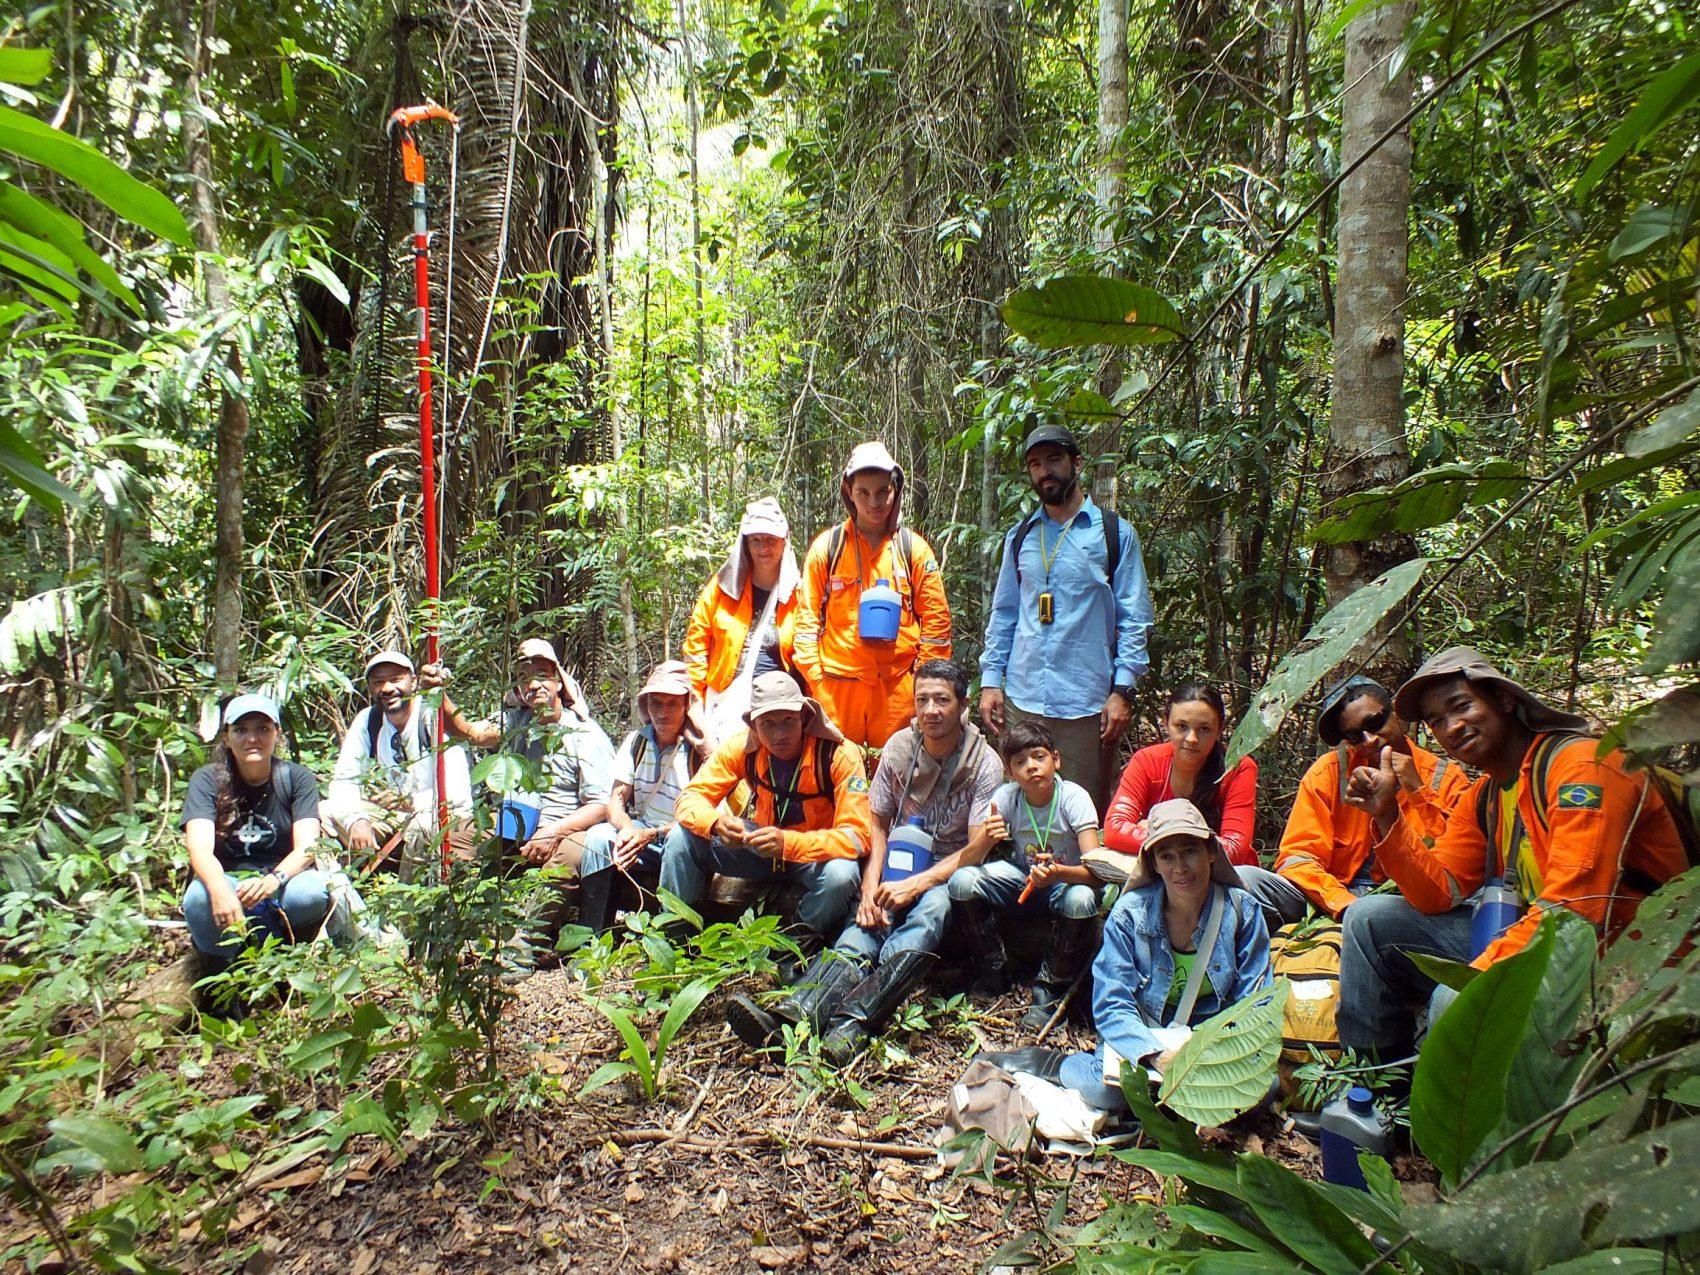 Coletores de sementes na Floresta Nacional do Rio Preto, núcleo do Programa Arboreto: 300 projetos formam Pacto pela Restauração da Mata Atlântica (Foto: Programa Arboretum/Divulgação)